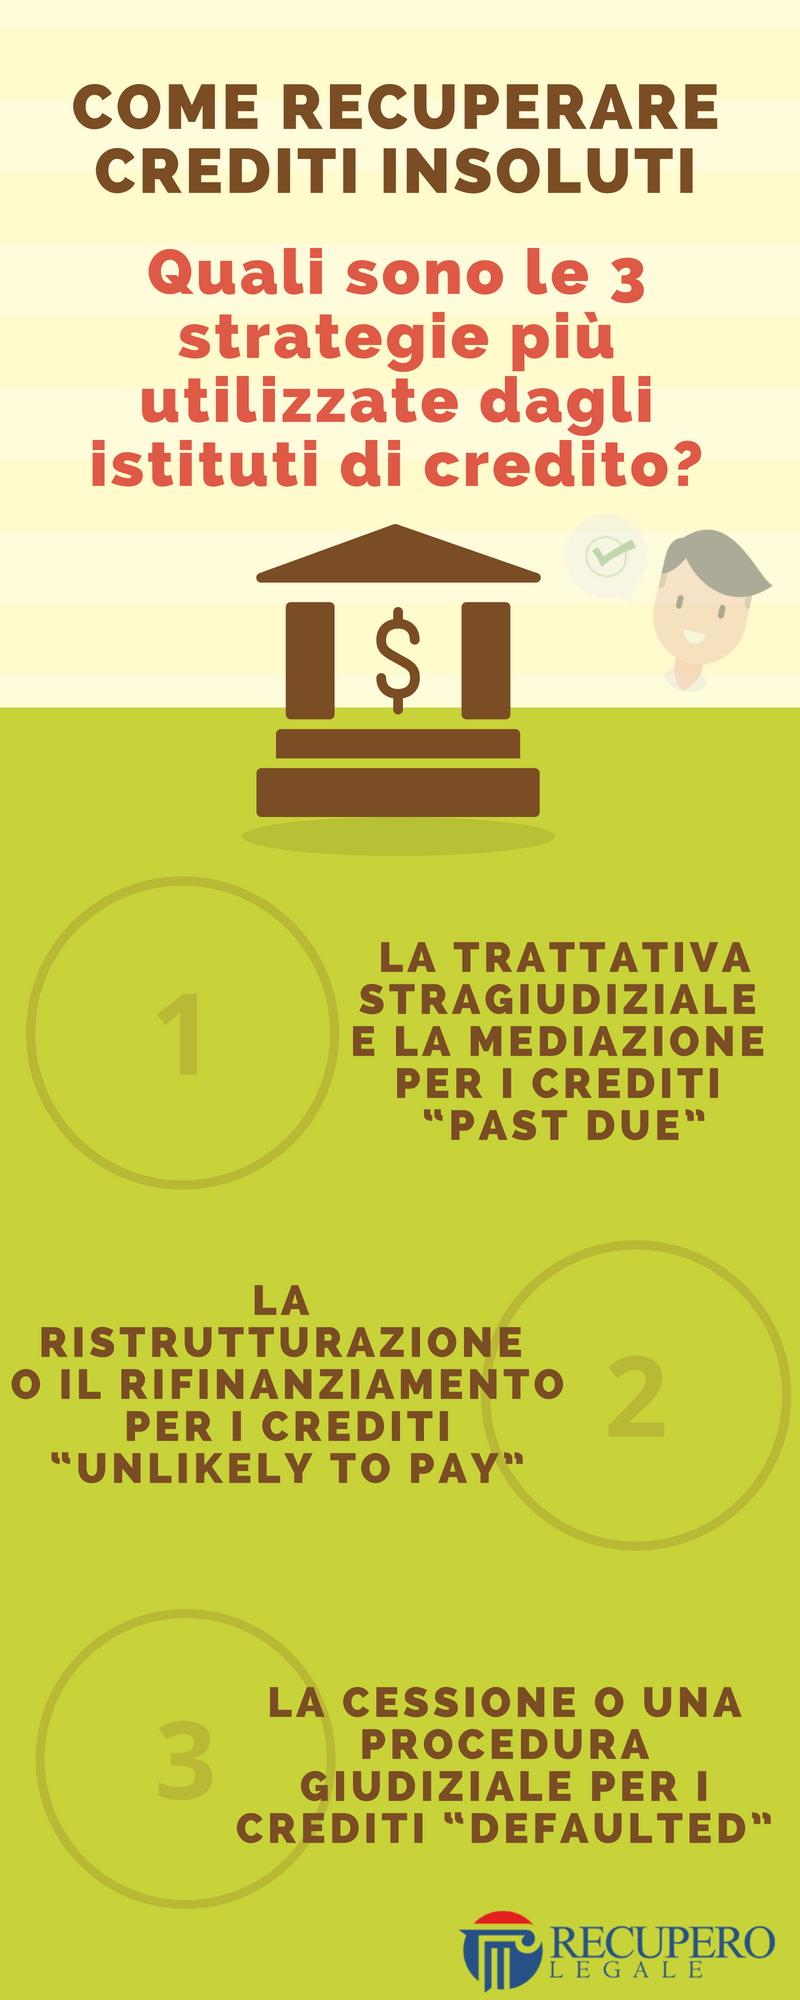 Come recuperare crediti insoluti: le strategie utilizzate dalle banche